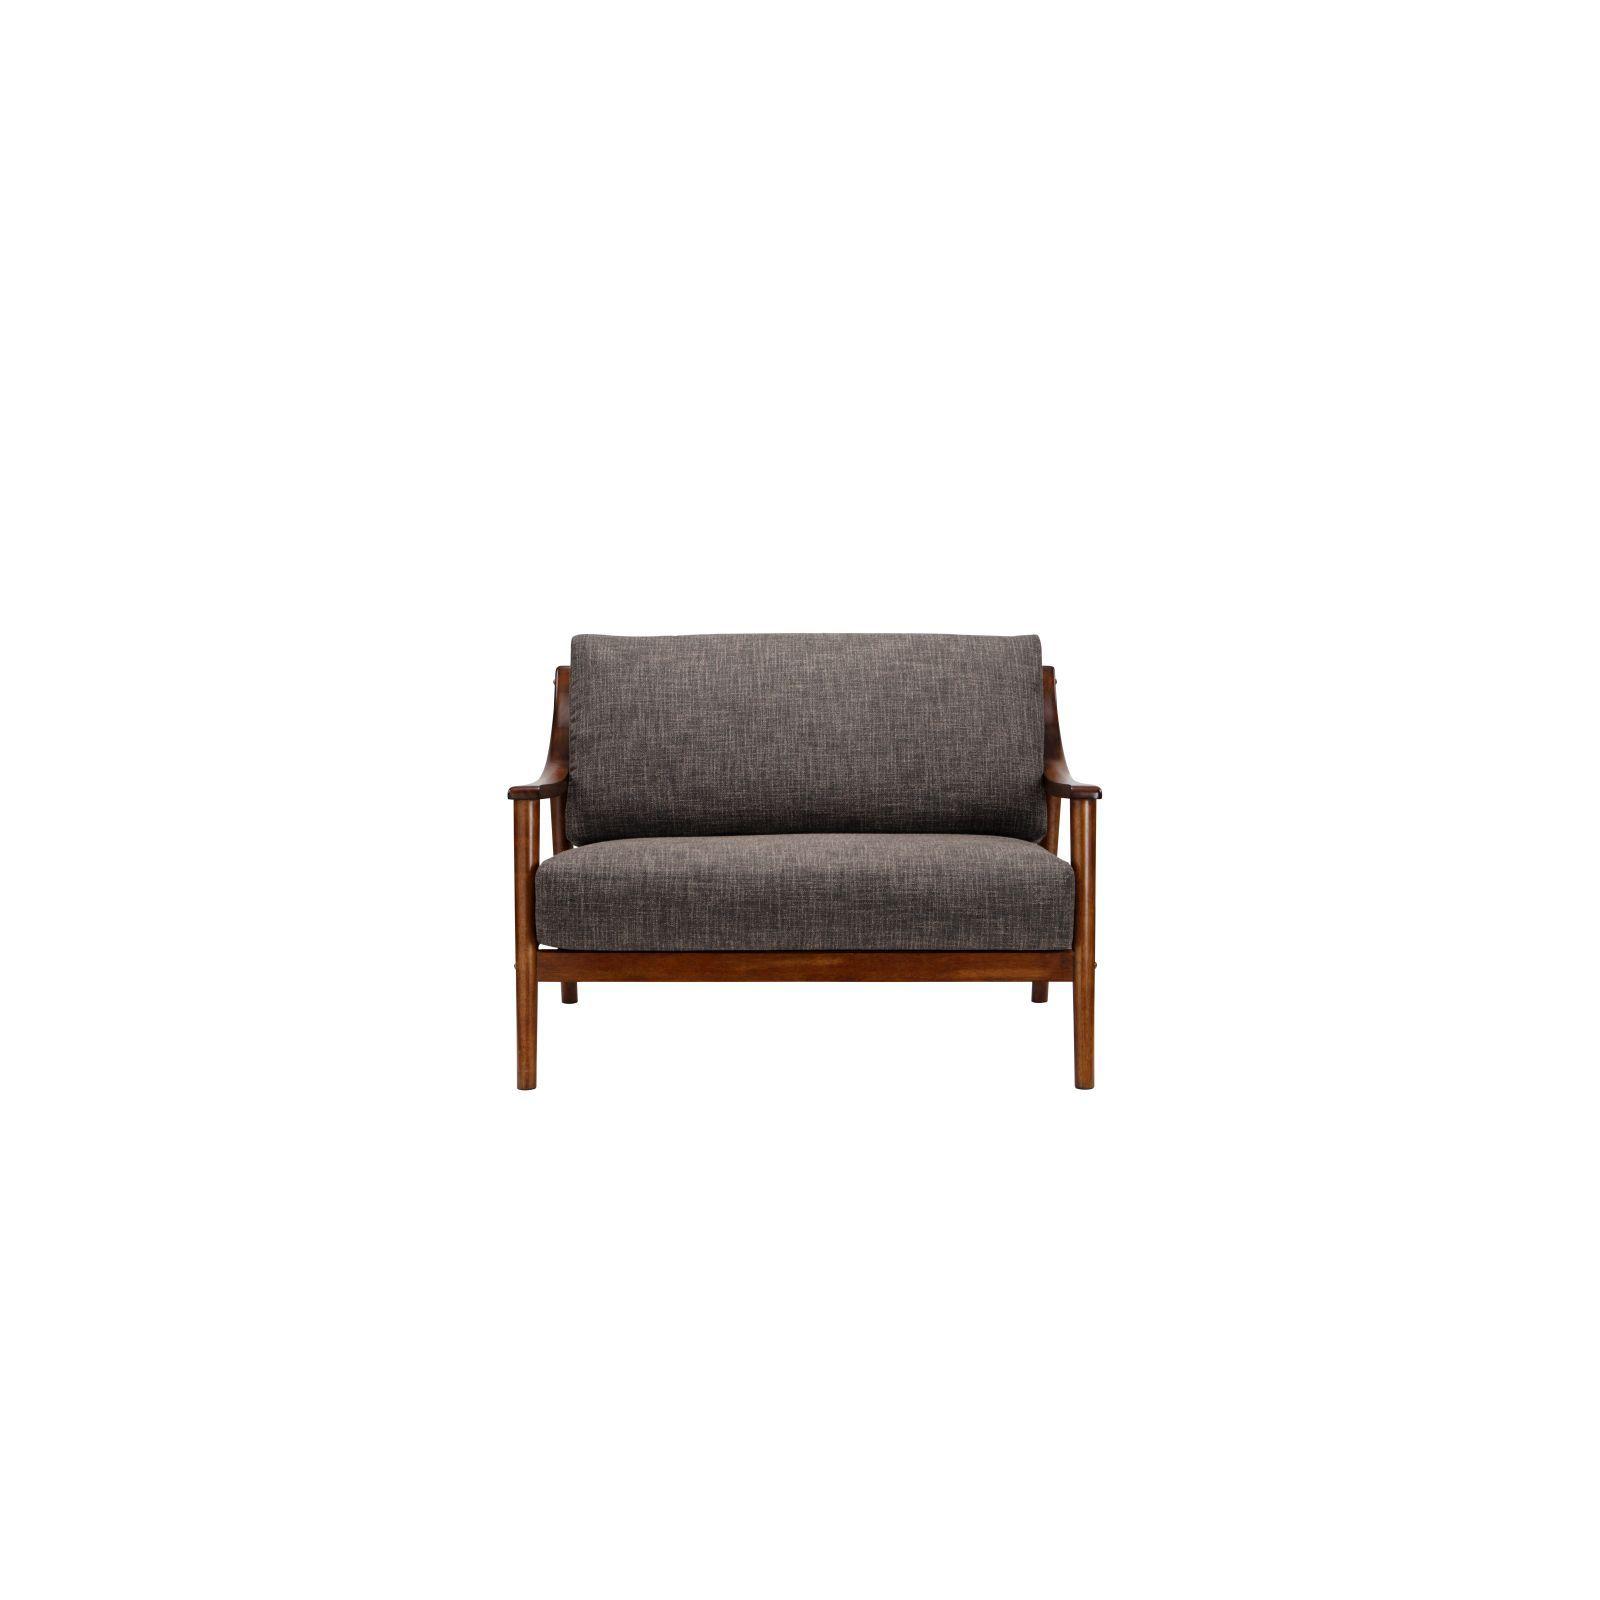 Brennan 2 Seater (Fab) Lava Fabric Sofa – Sofa & Armchairs For Brennan Sofa Chairs (Image 2 of 25)